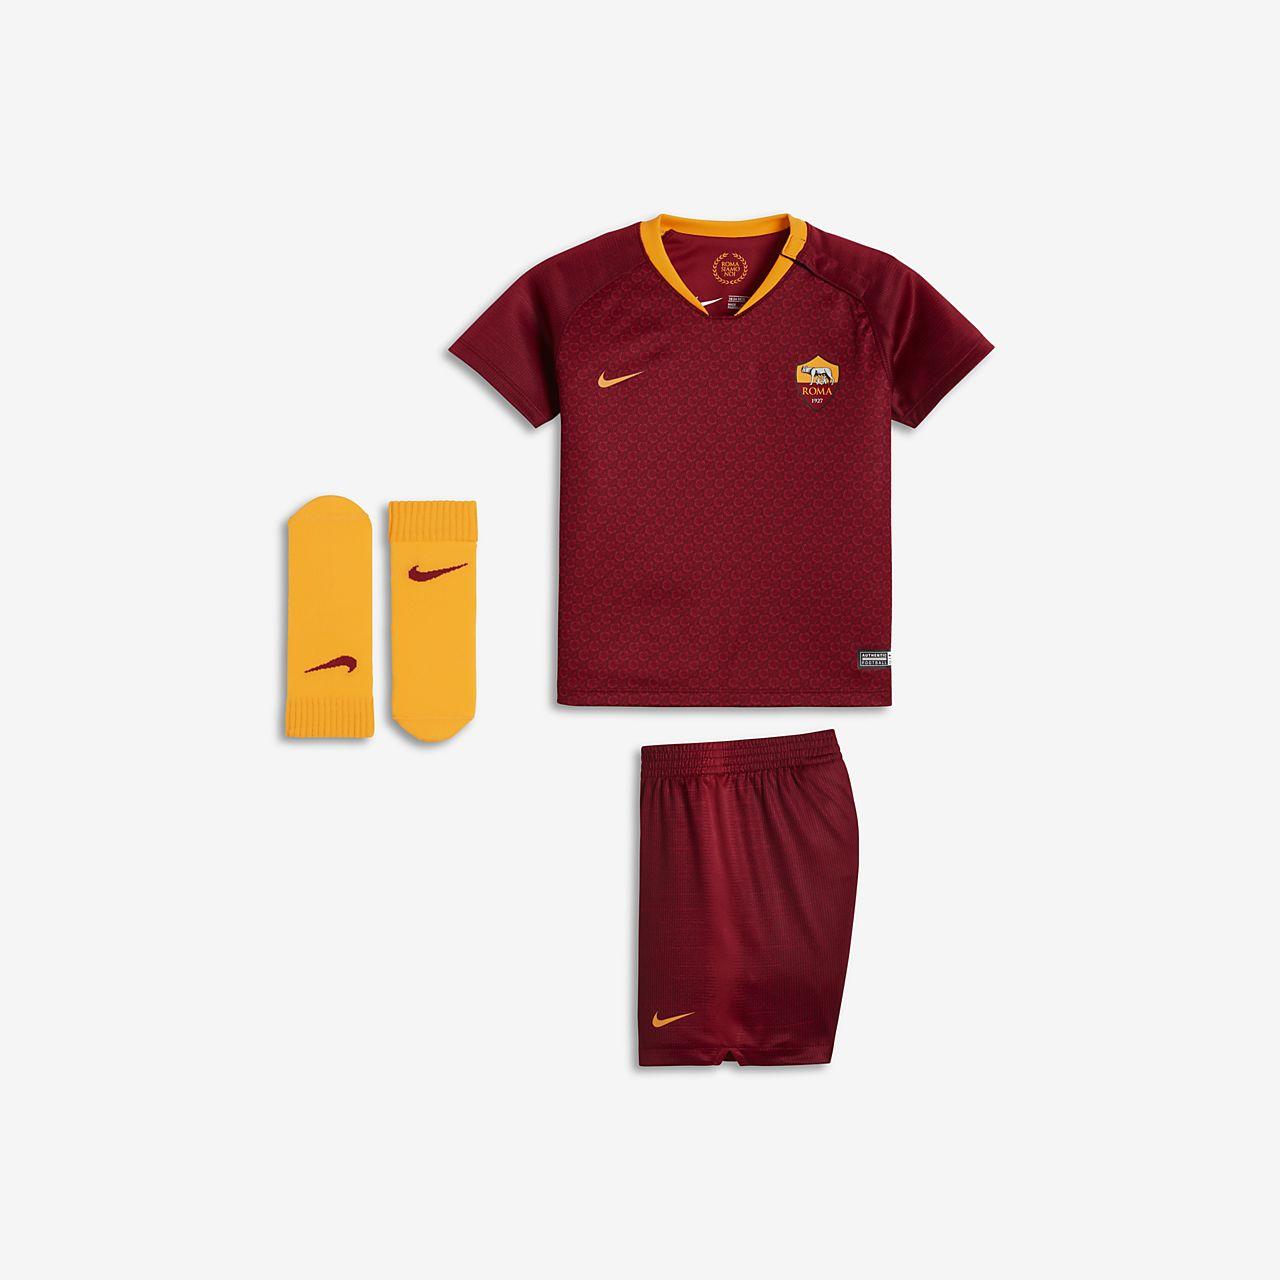 Uniforme de fútbol para bebé 2018 19 A.S. Roma Stadium Home. Nike.com MX 1572b6bb671